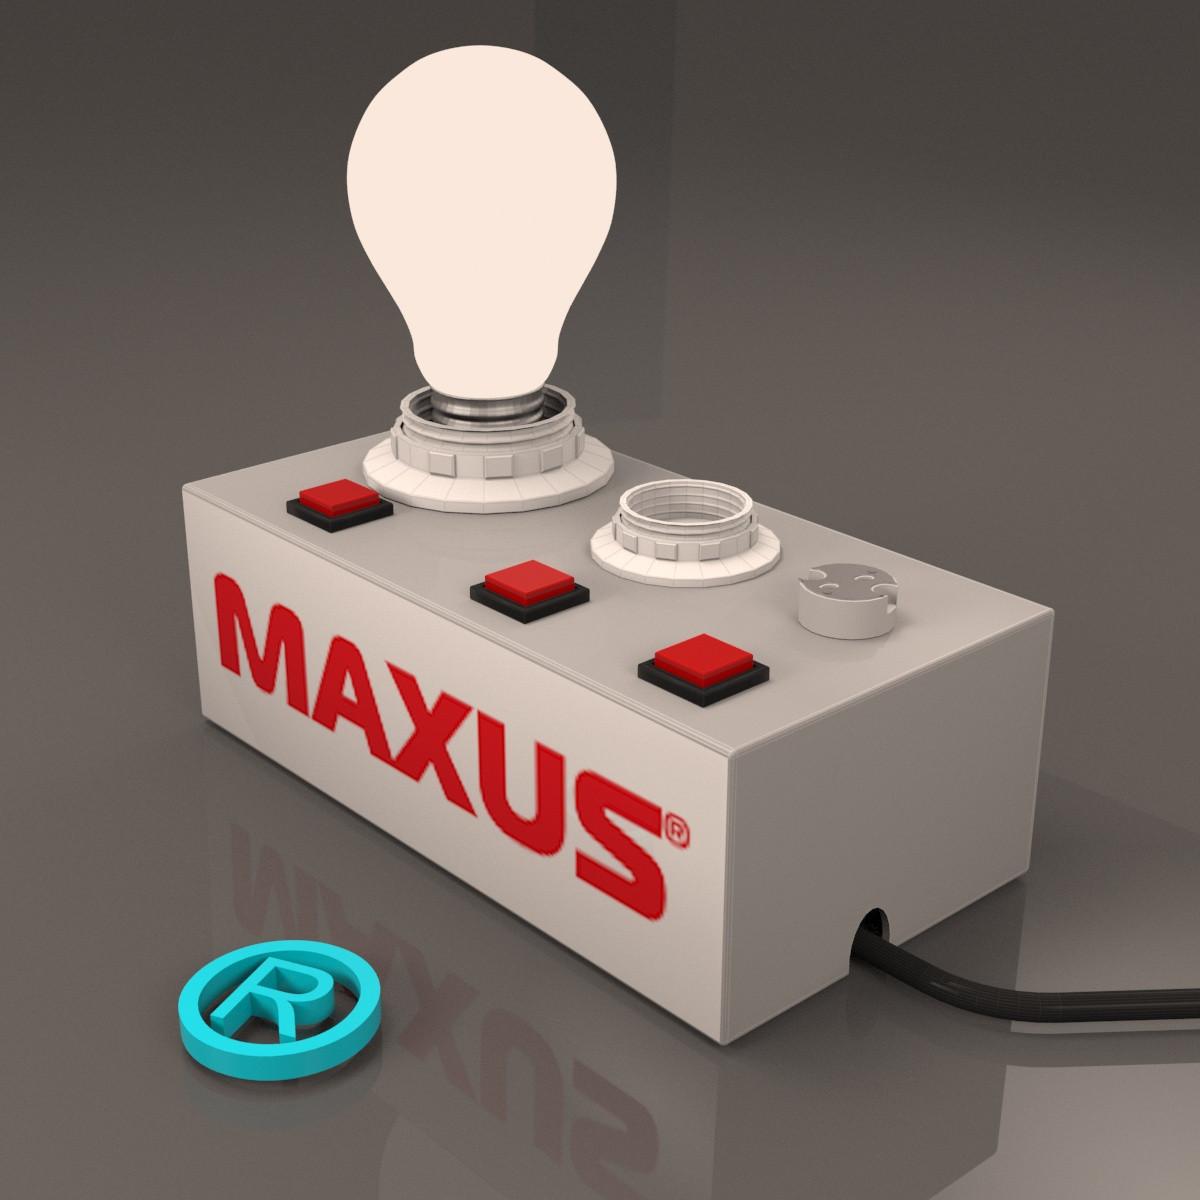 Тестер 🛒 Максус для проверки лампочек торговый